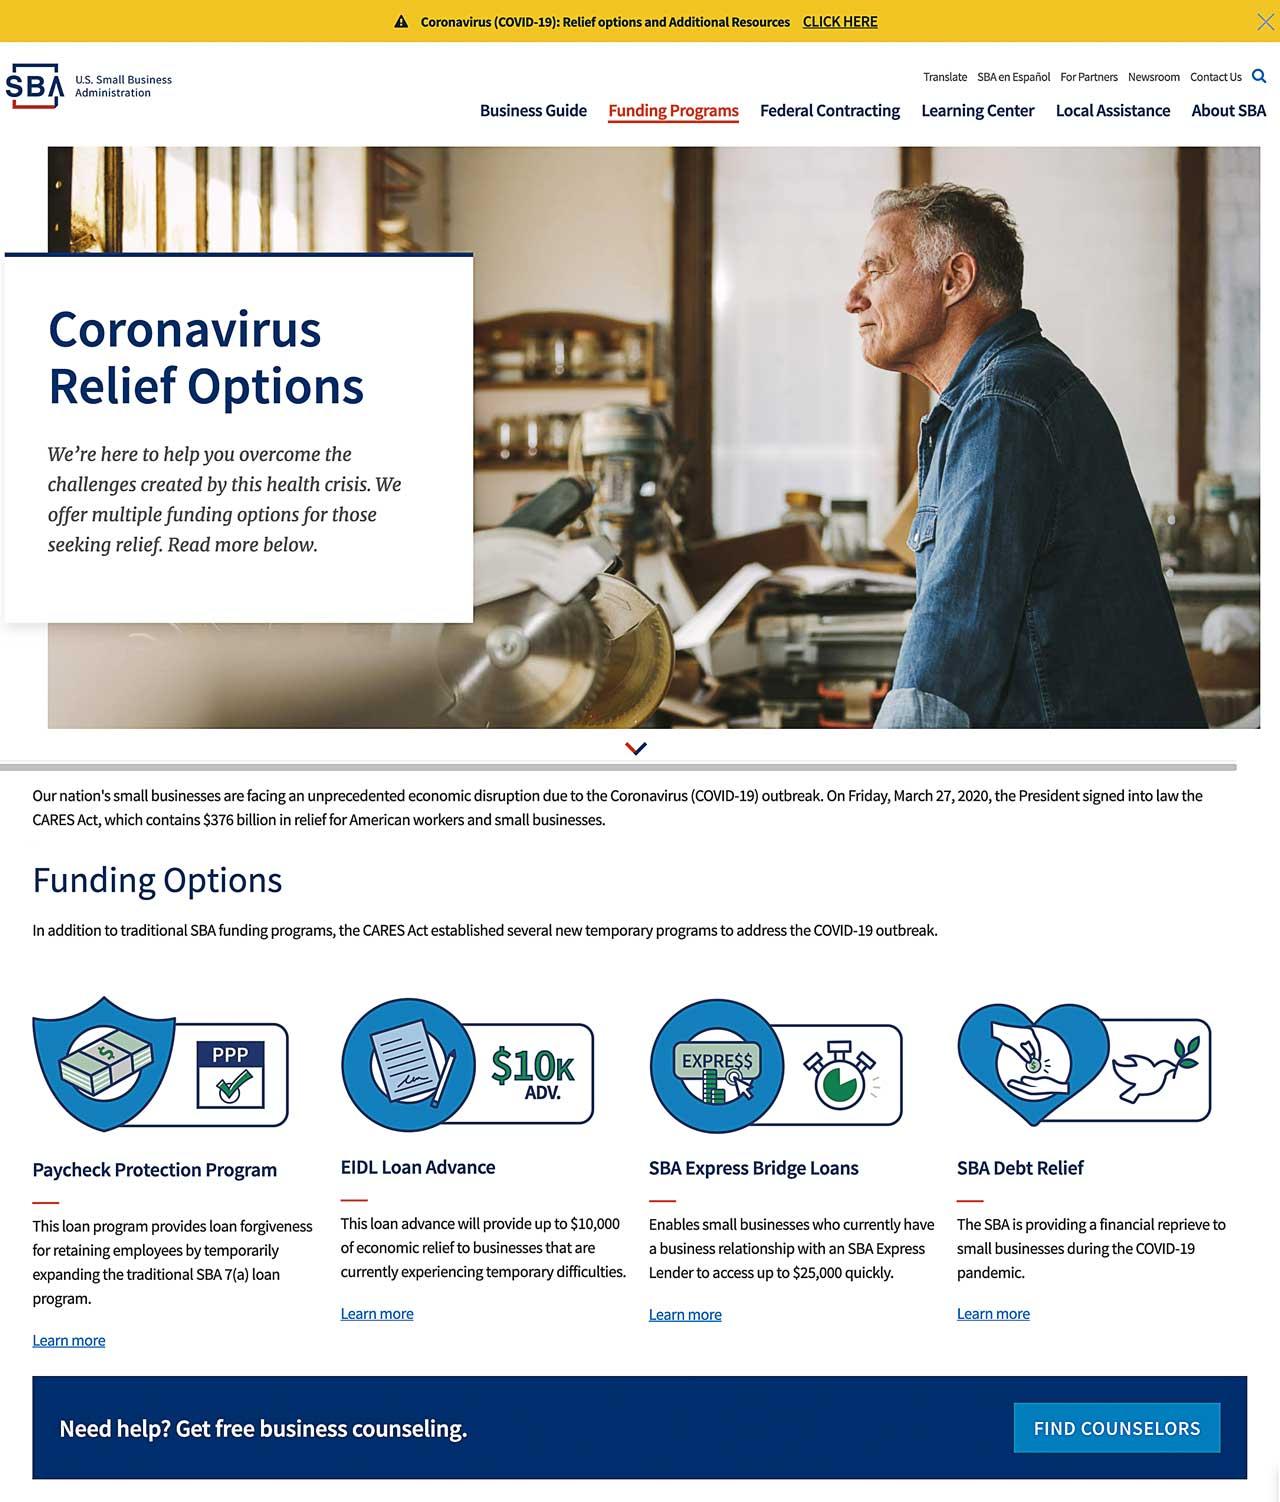 SBA-Corona Virus Relief Options landing page